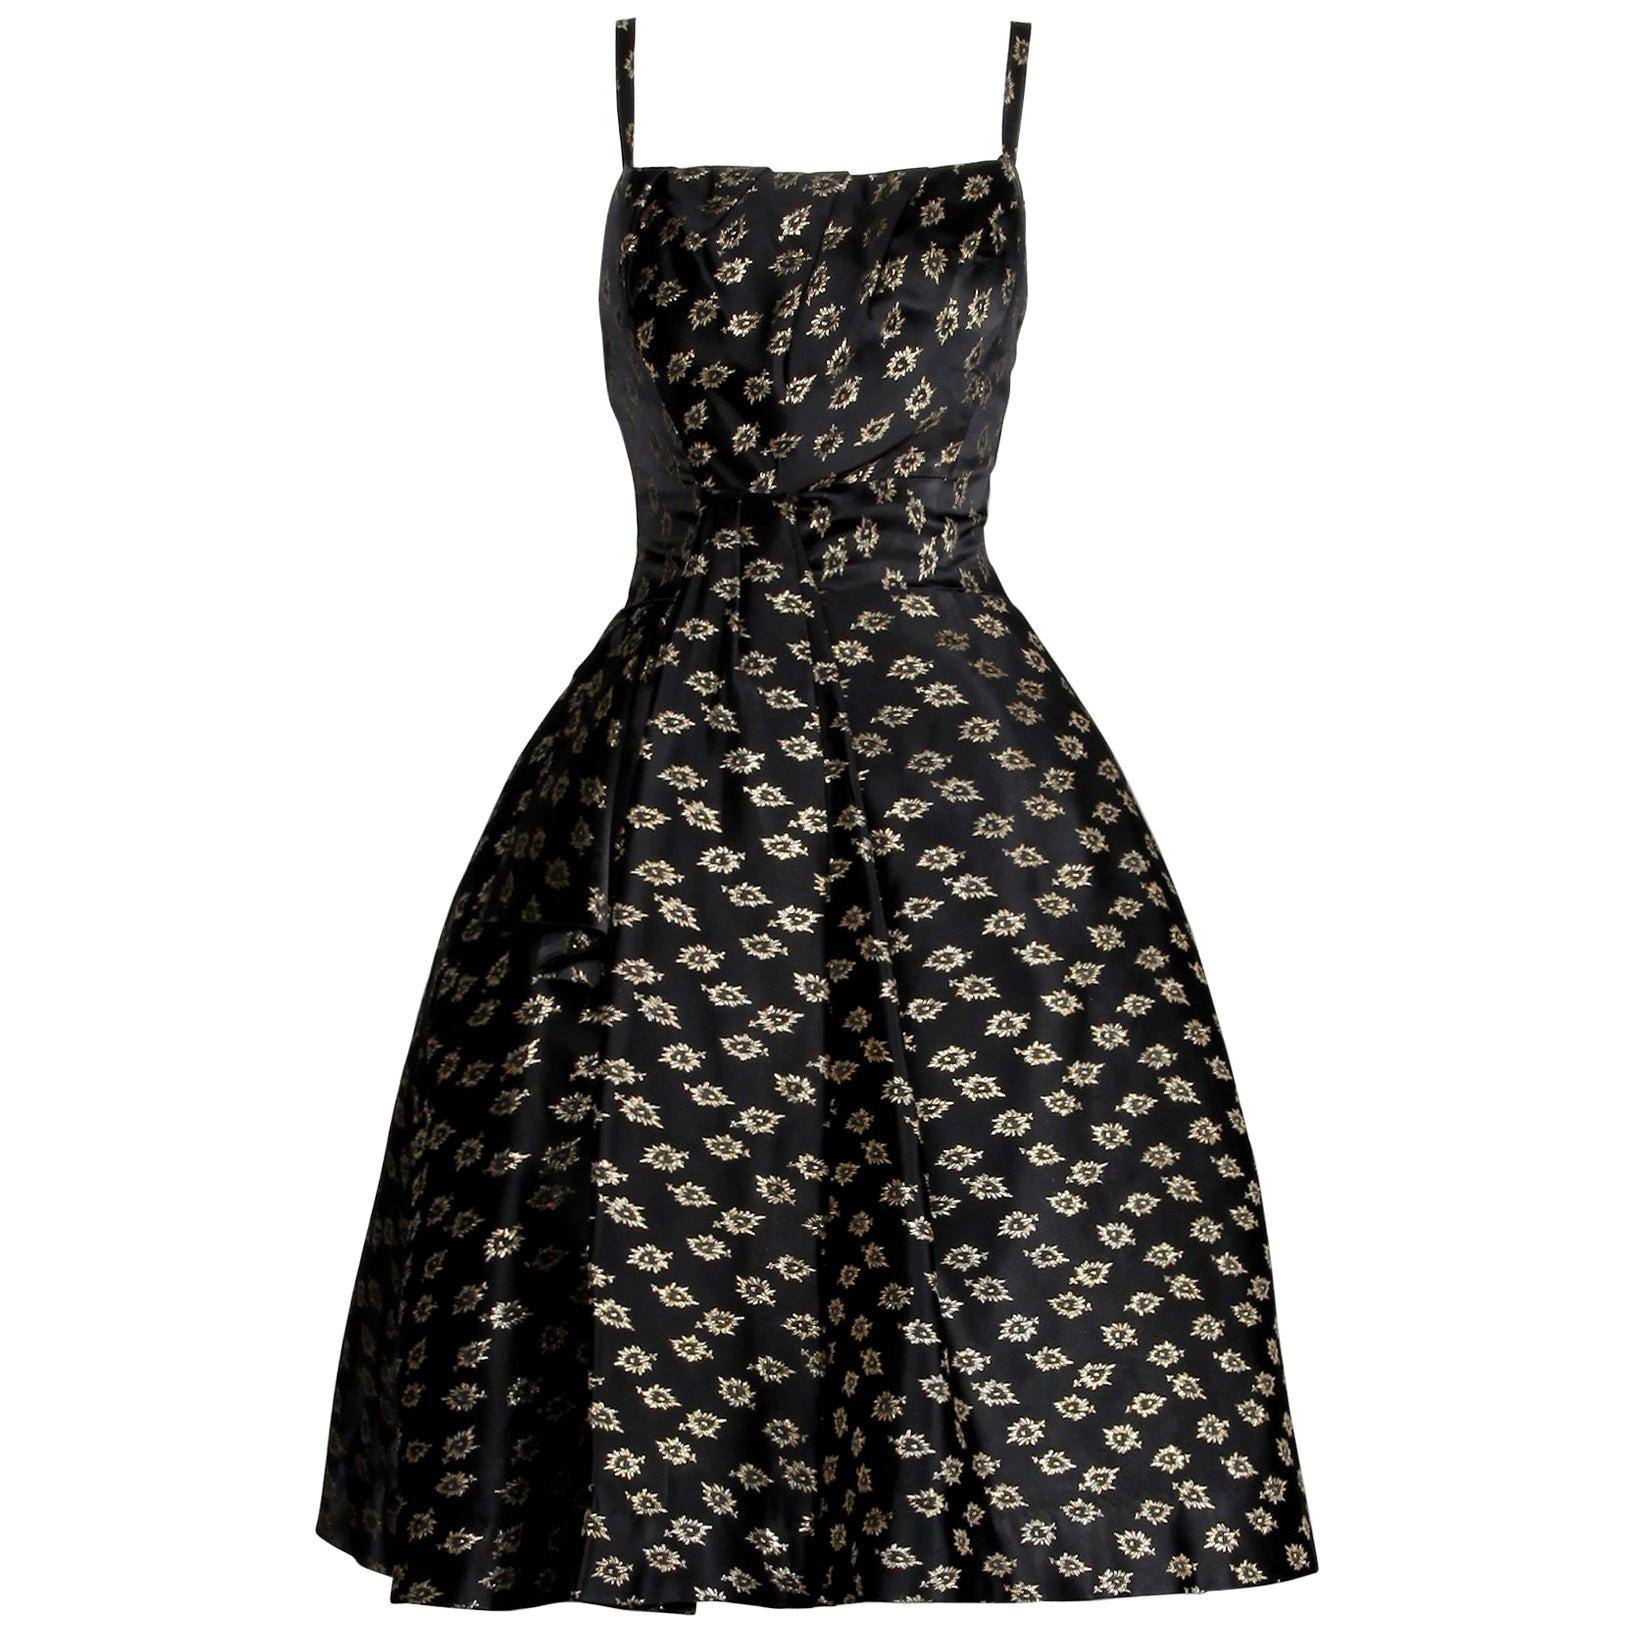 1950s Suzy Perette Vintage Dress